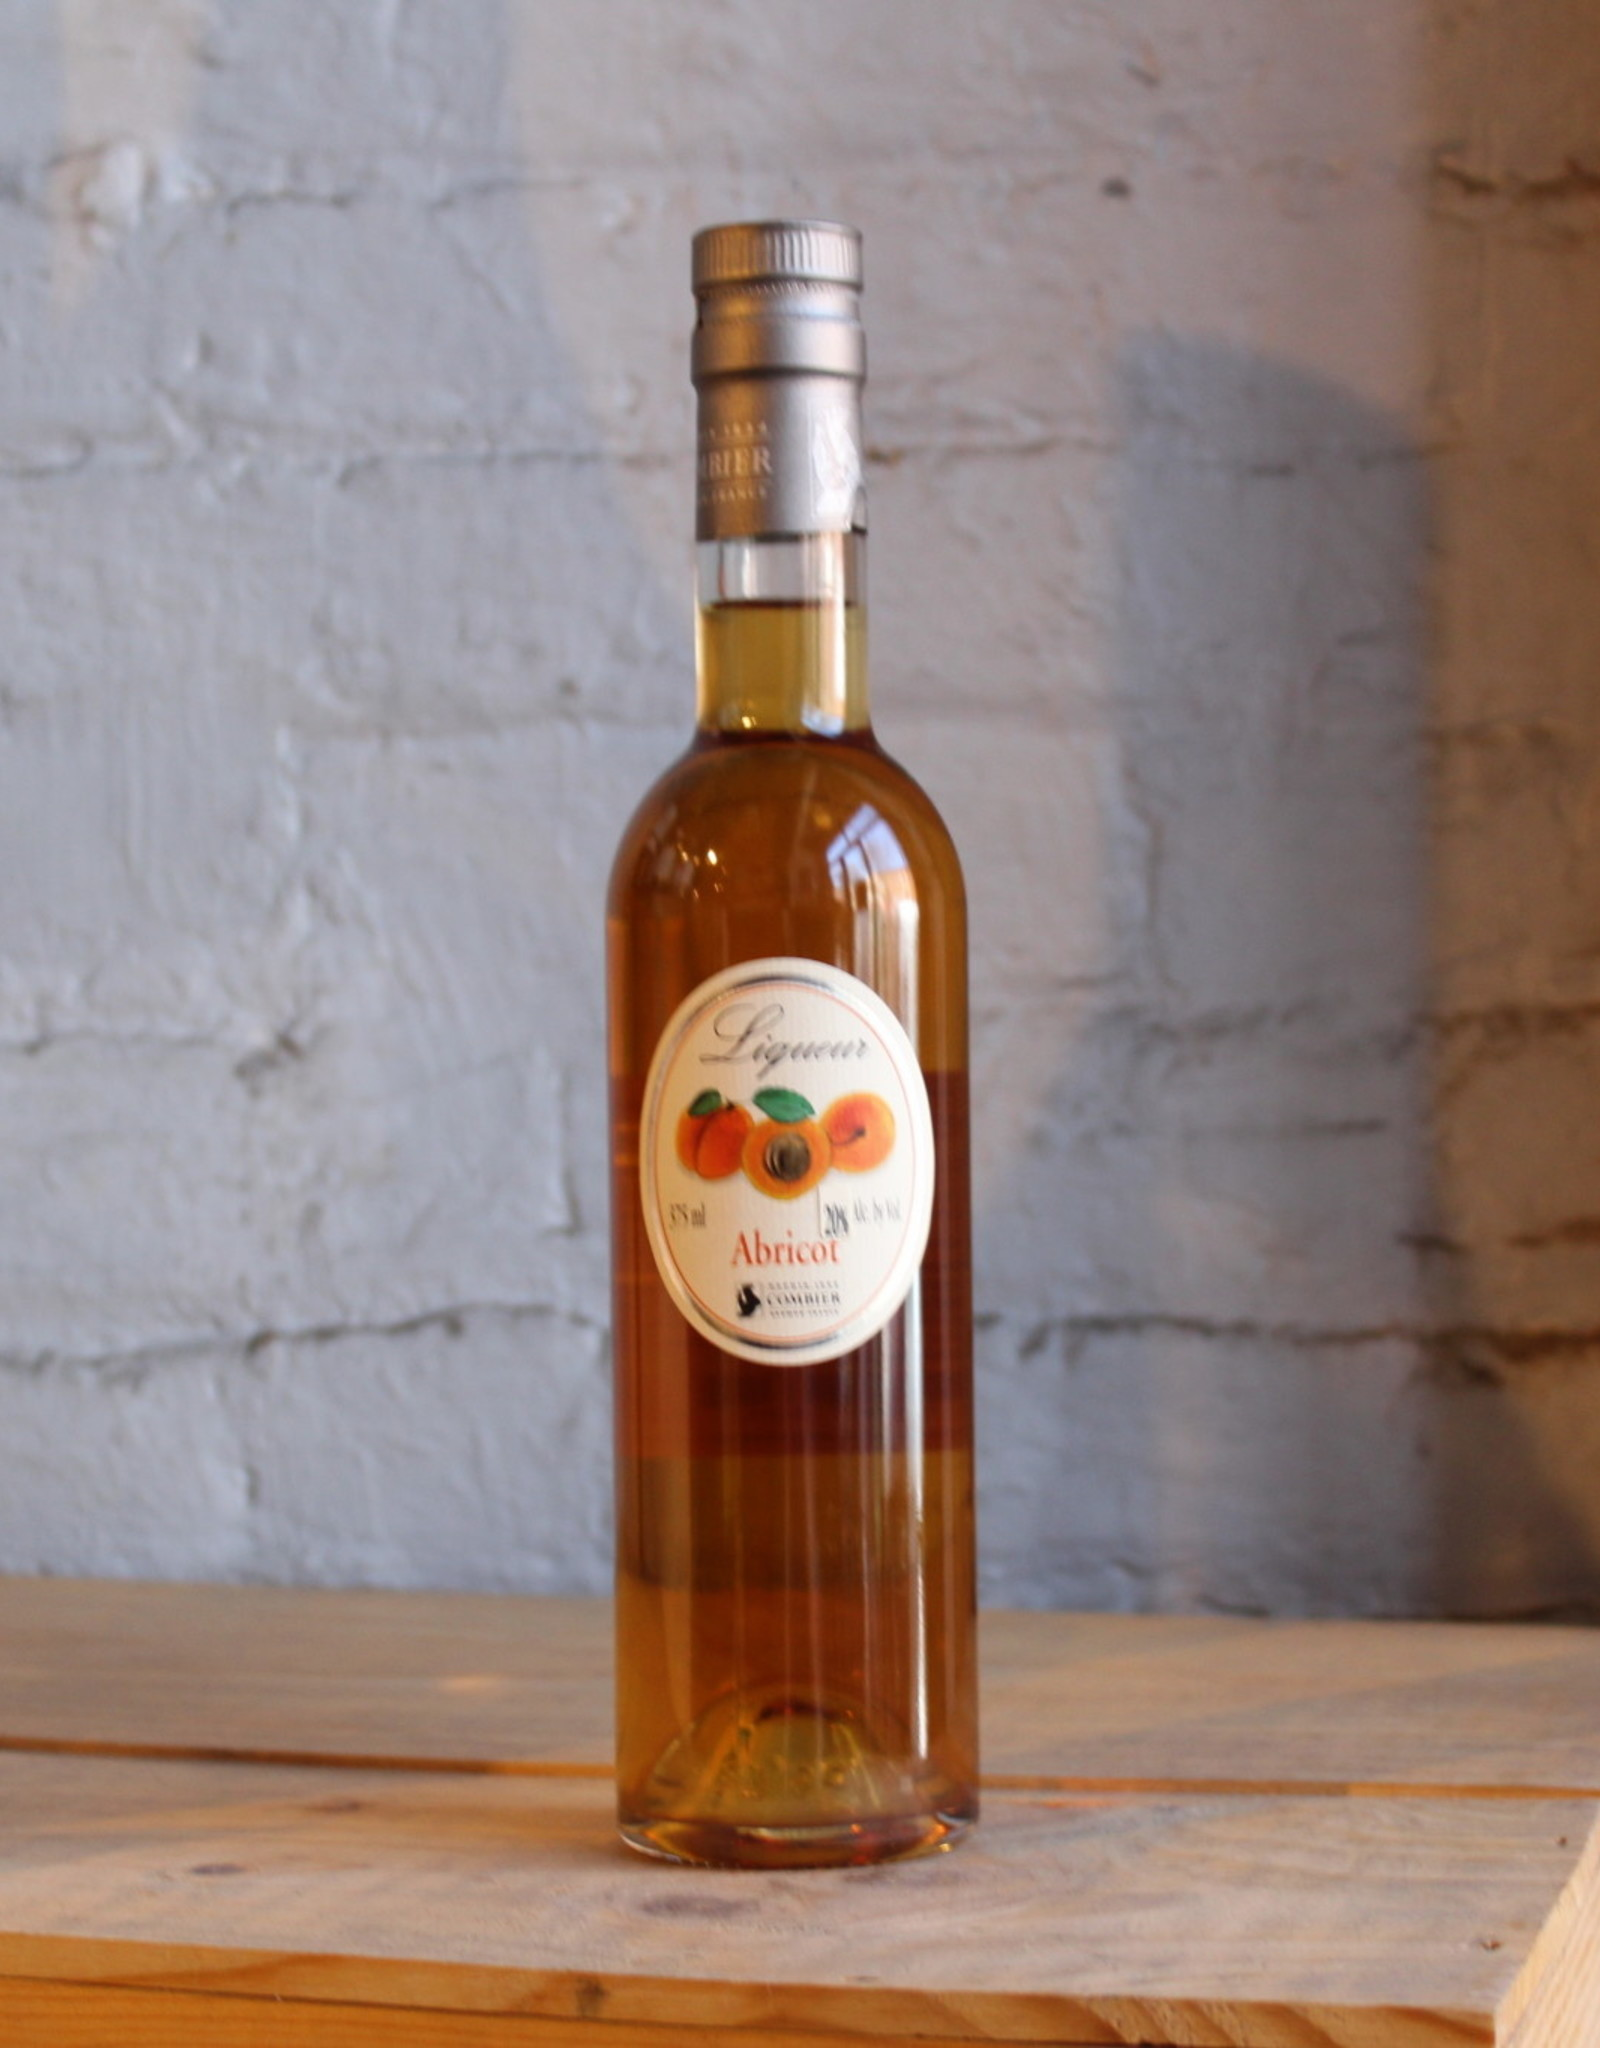 Combier Abricot/Apricot Liqueur - Saumur, Loire Valley, France (375ml)